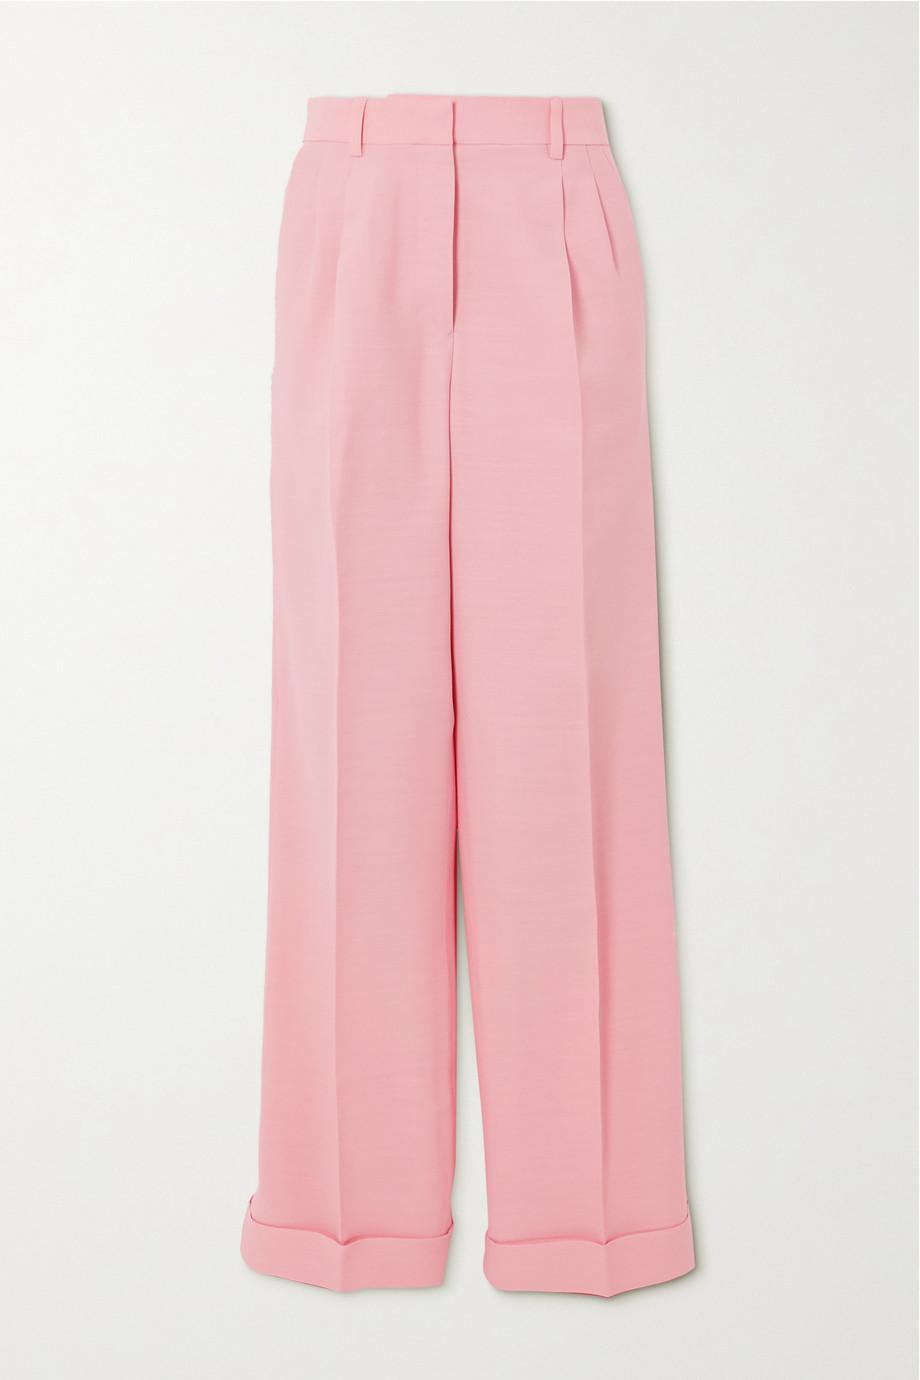 Casablanca Hose mit geradem Bein aus einer Woll-Seidenmischung mit Falten